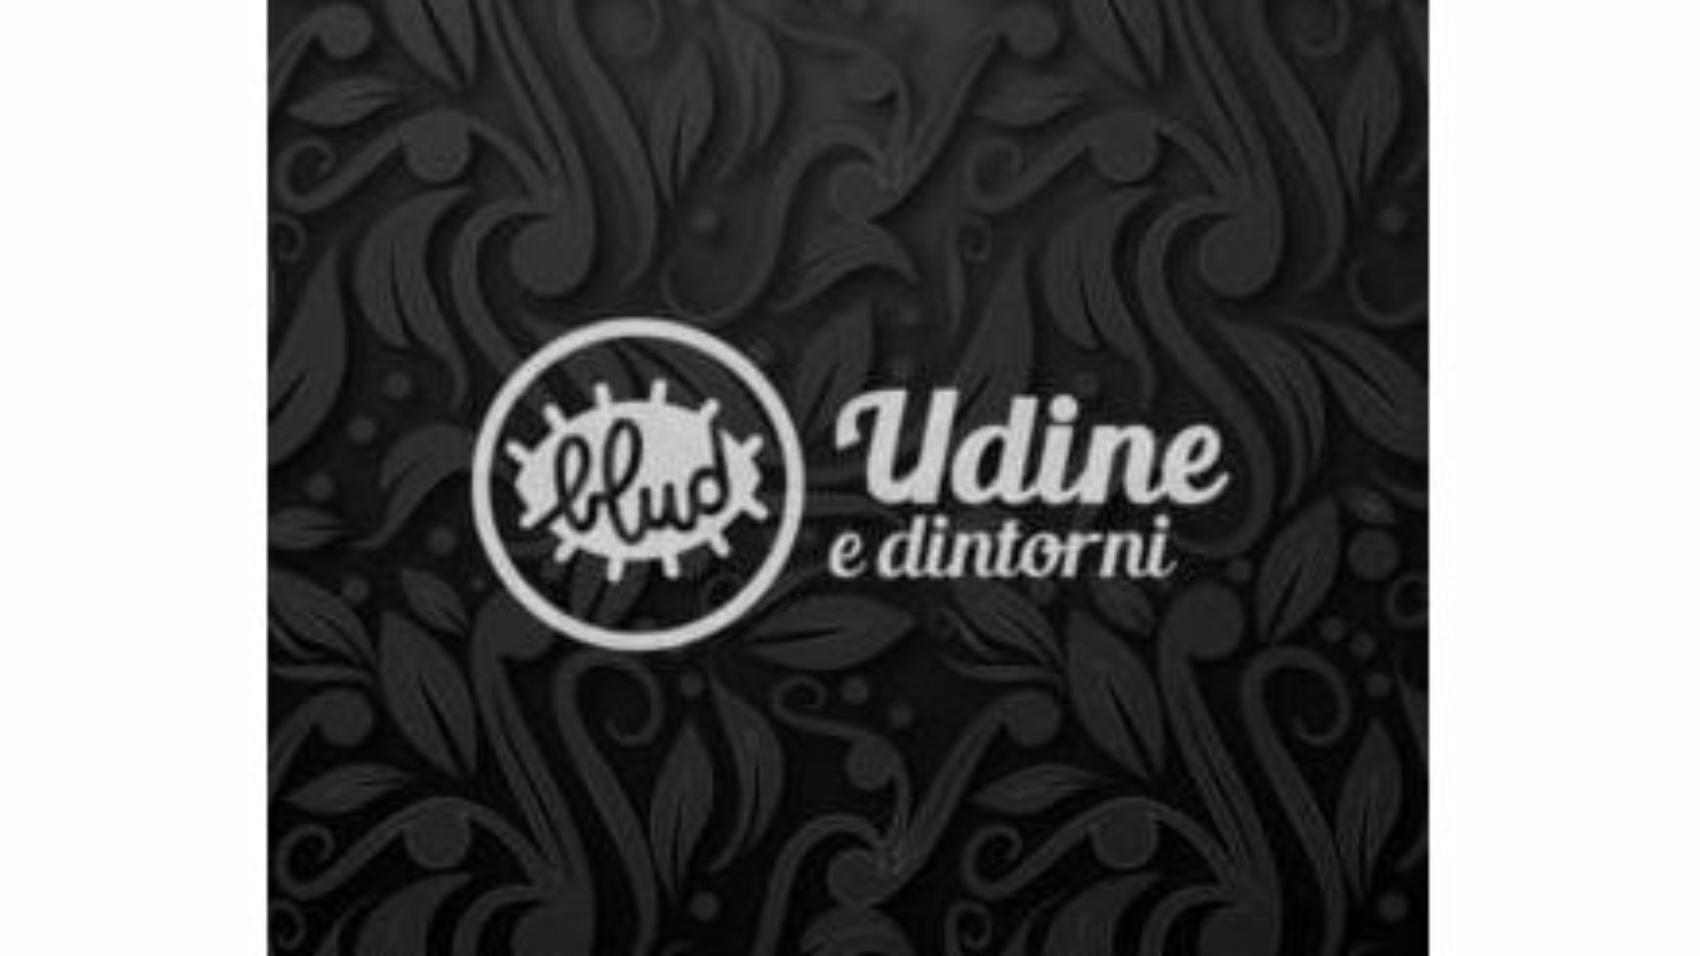 logo blud blog di udine